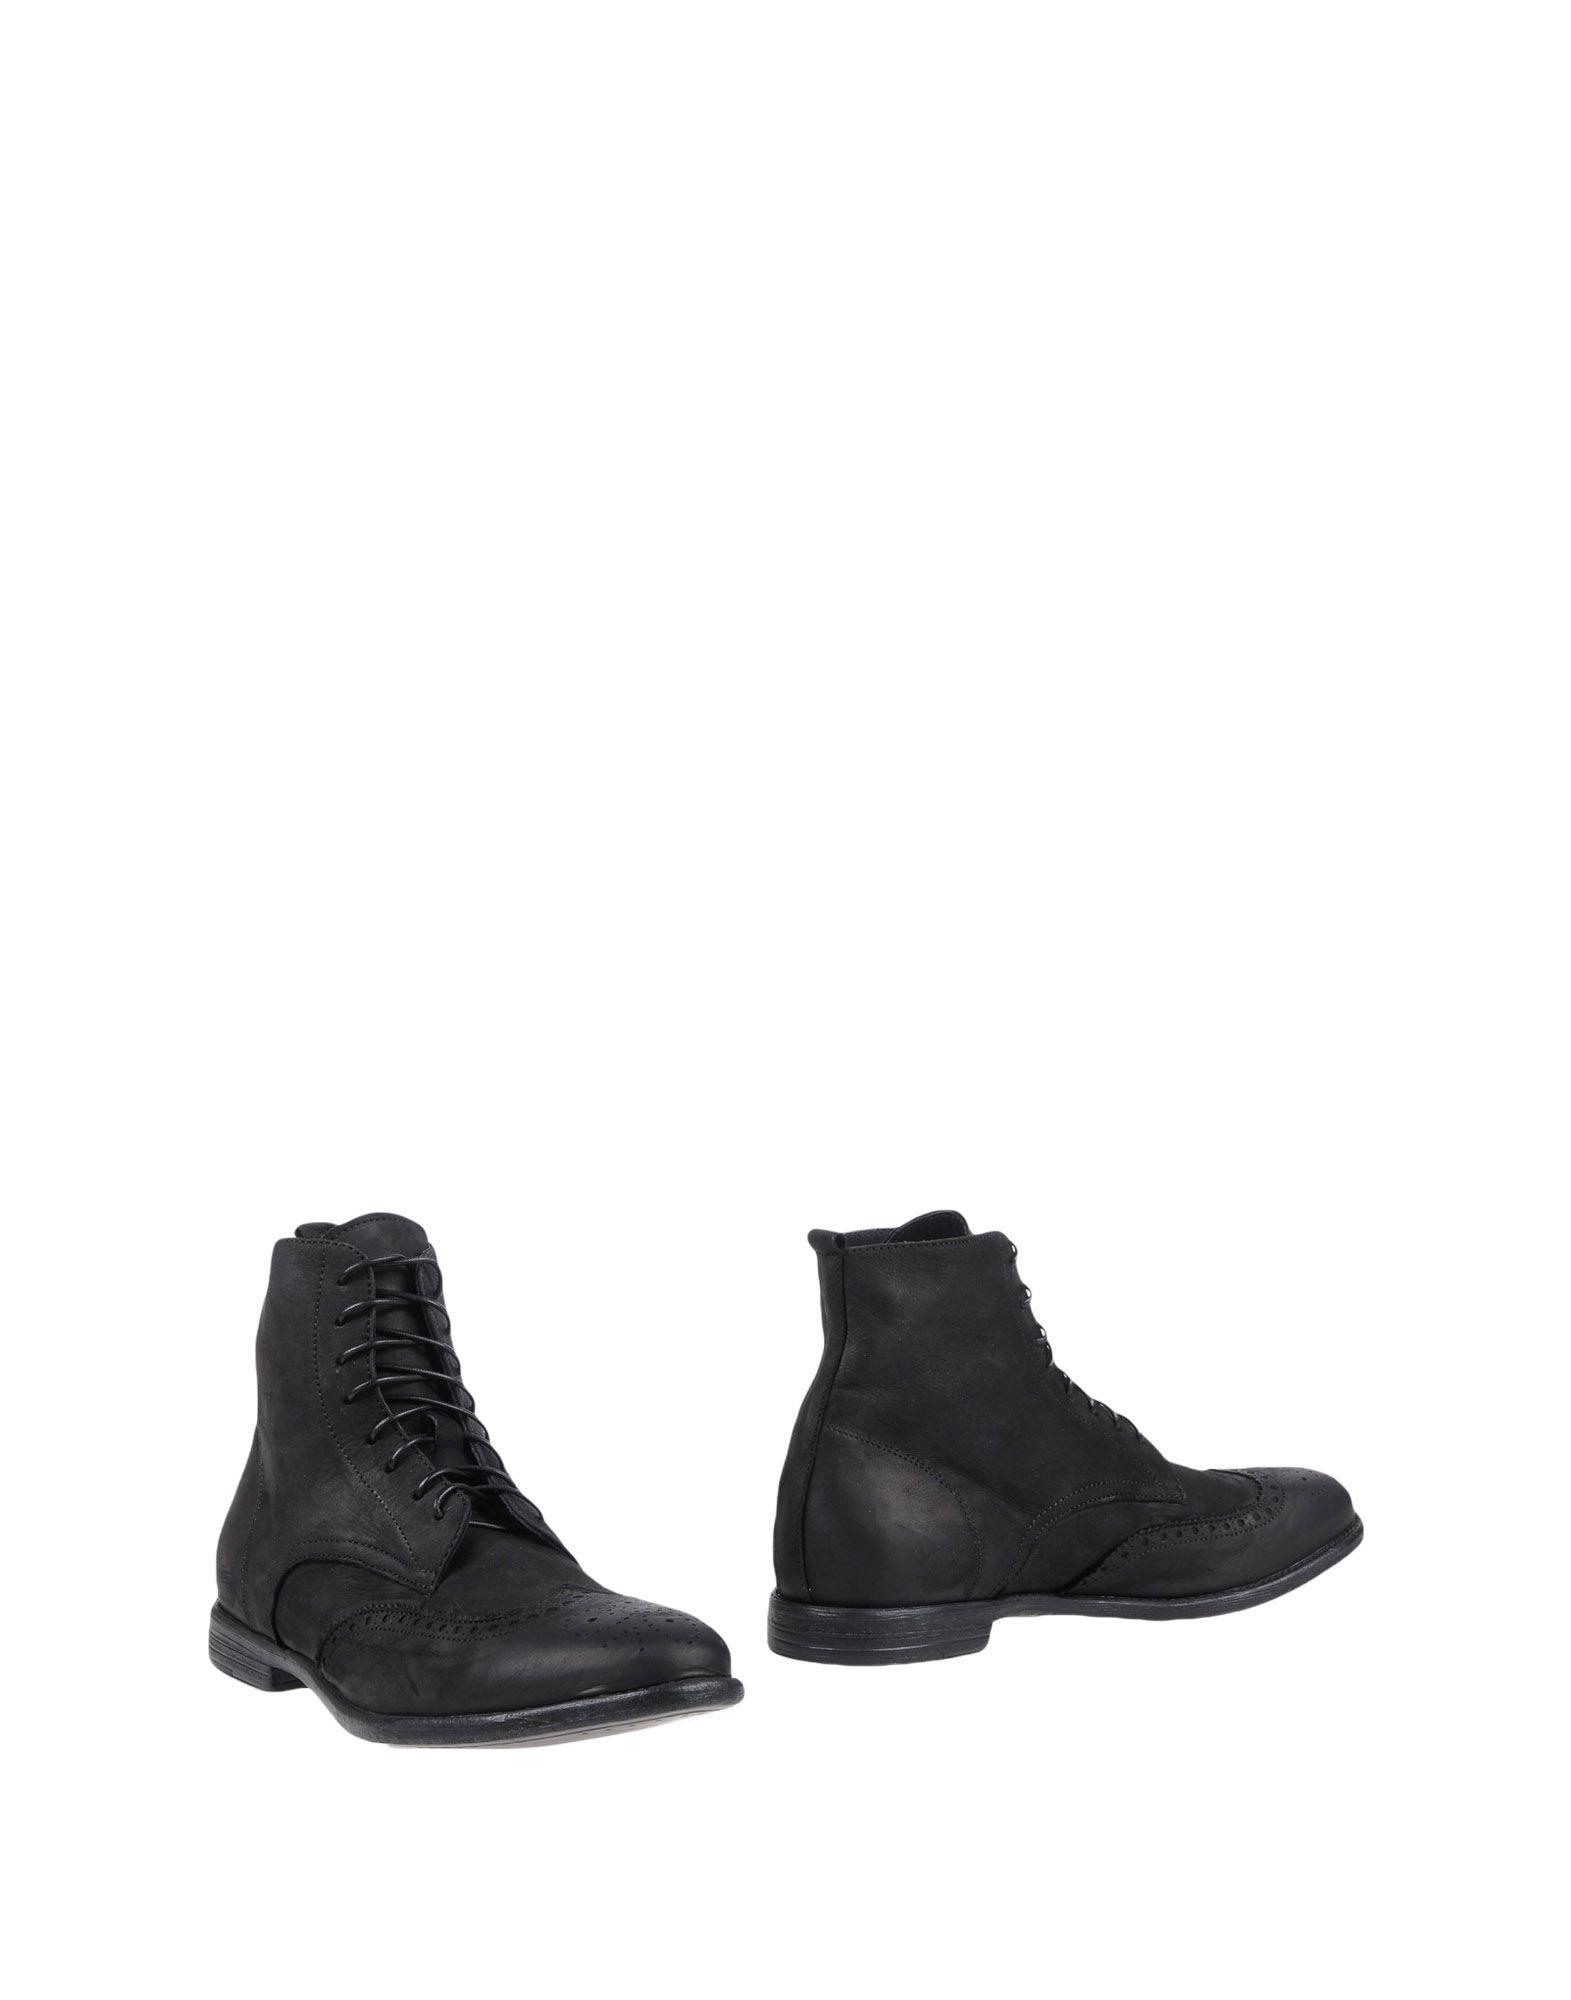 Alexander Hotto Stiefelette Herren  11451945UQ Gute Qualität beliebte Schuhe